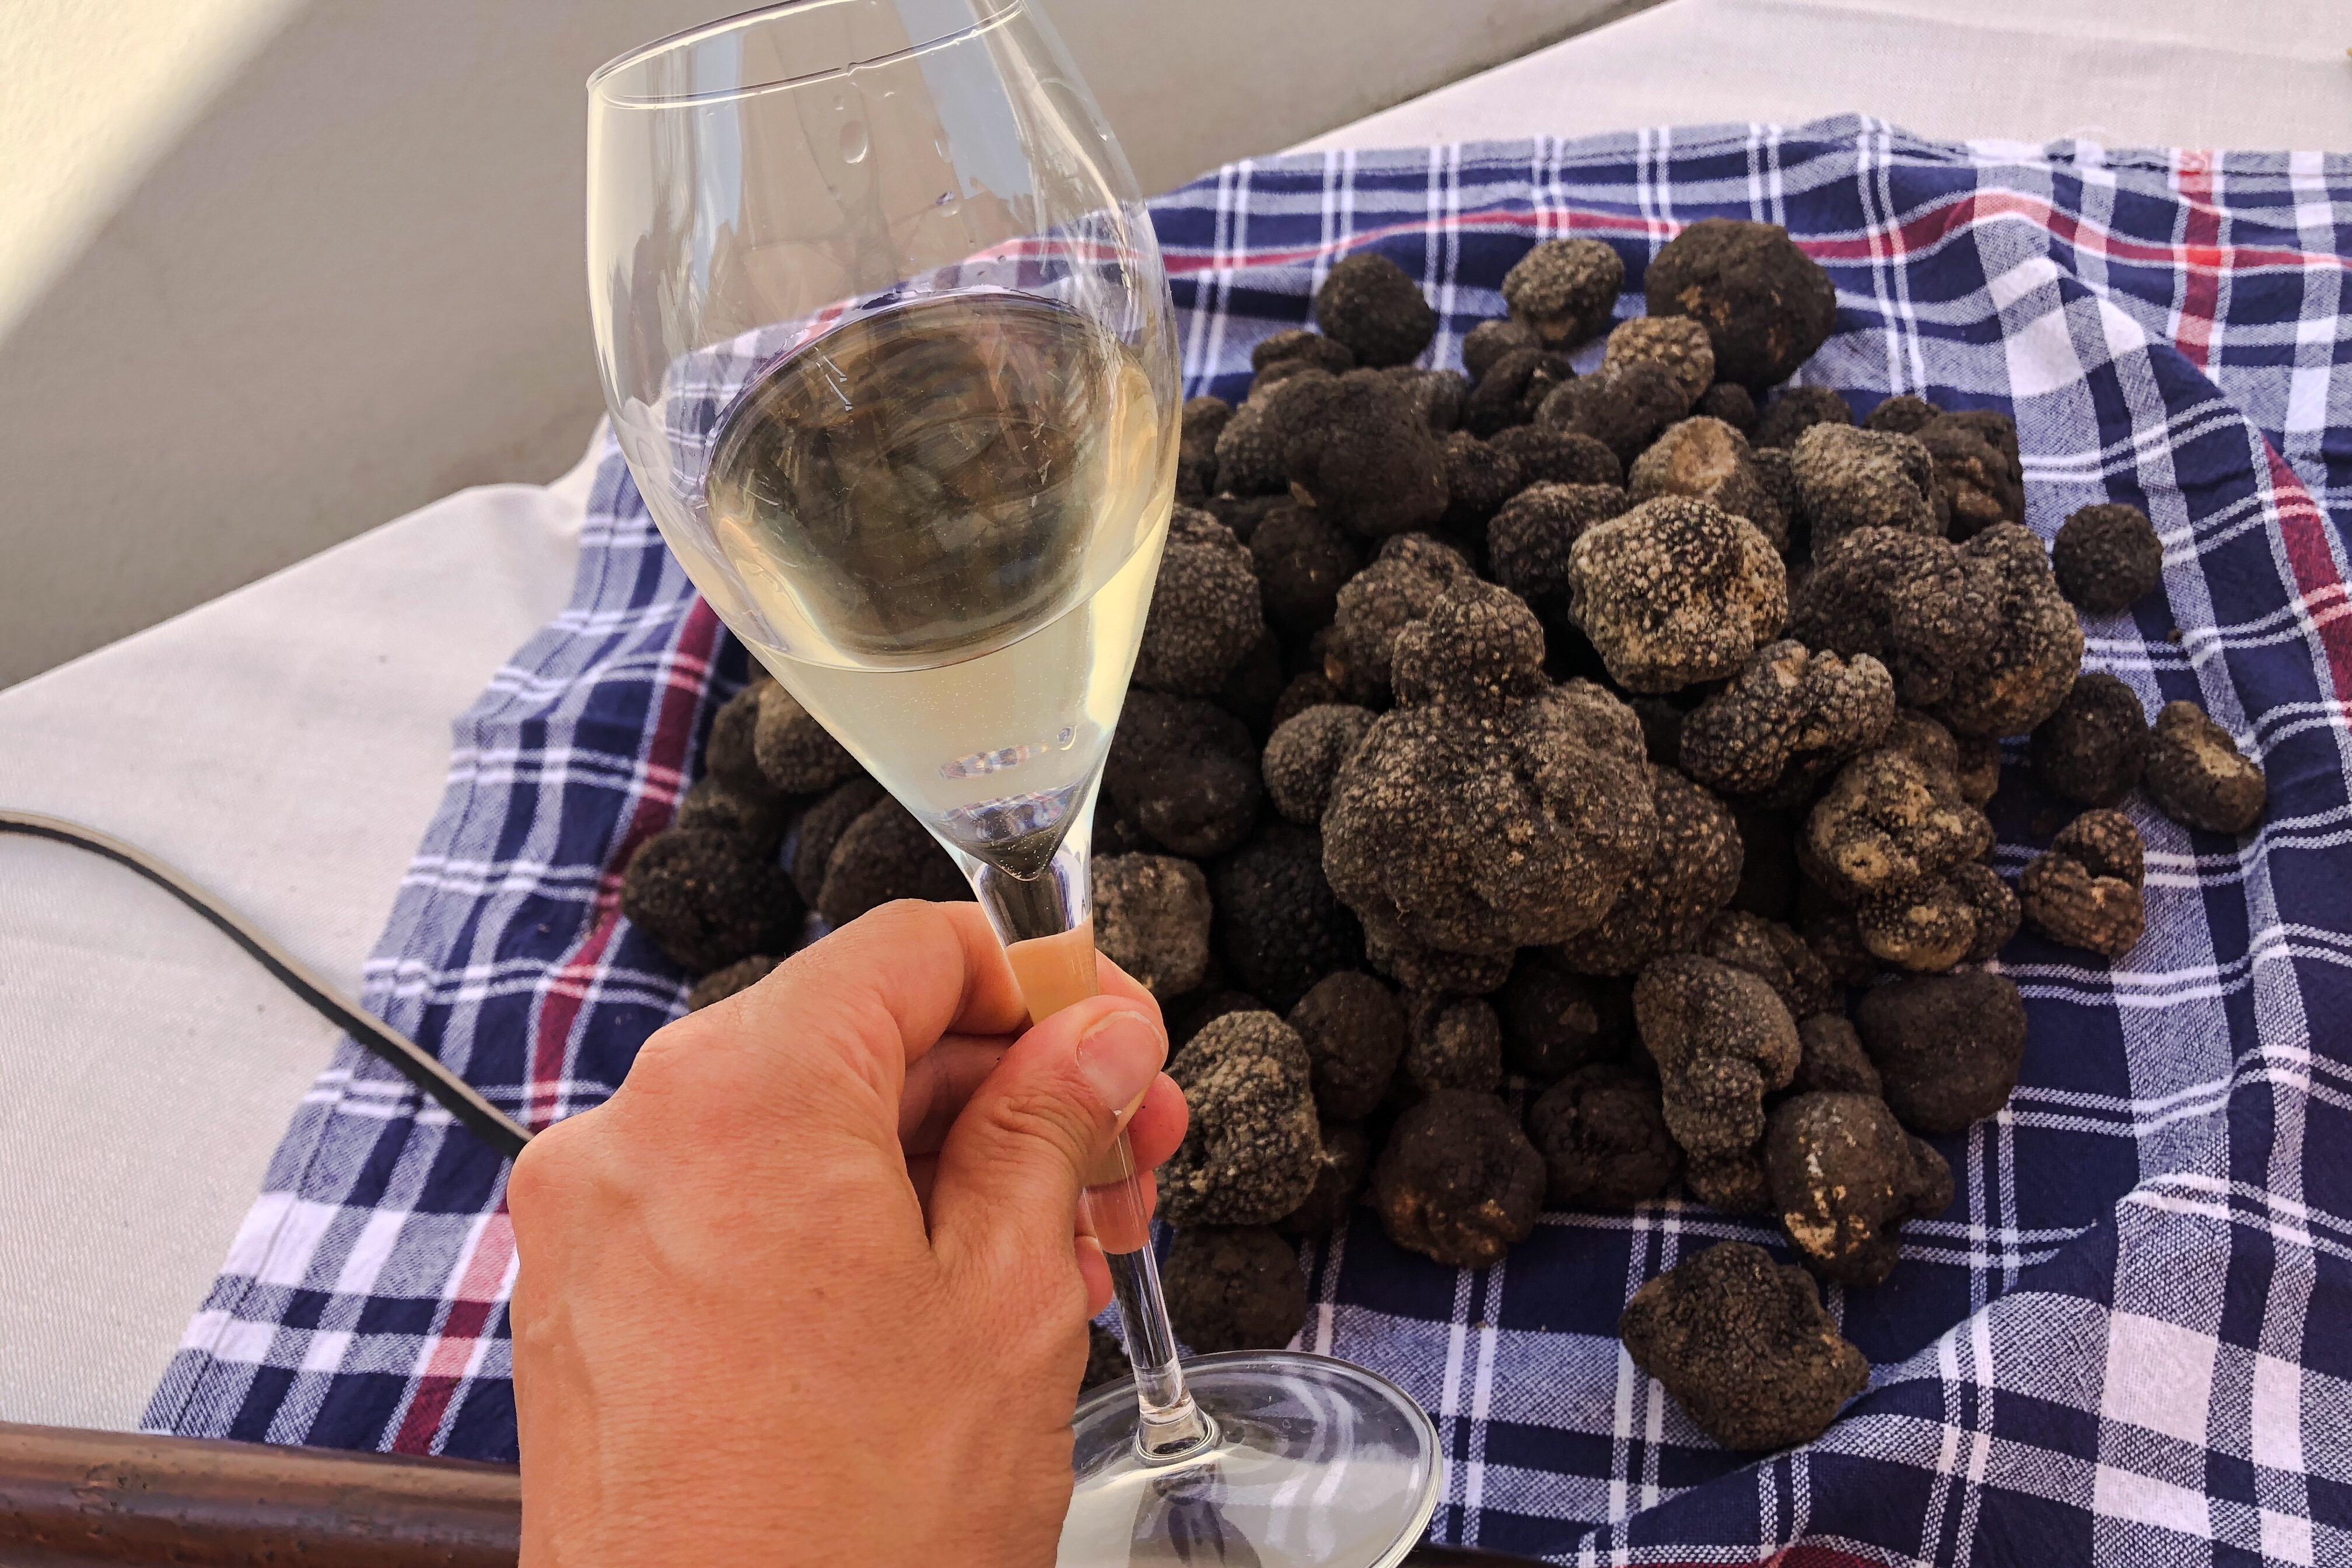 Festa del tartufo_Acqualagna_ Fragustoepassione